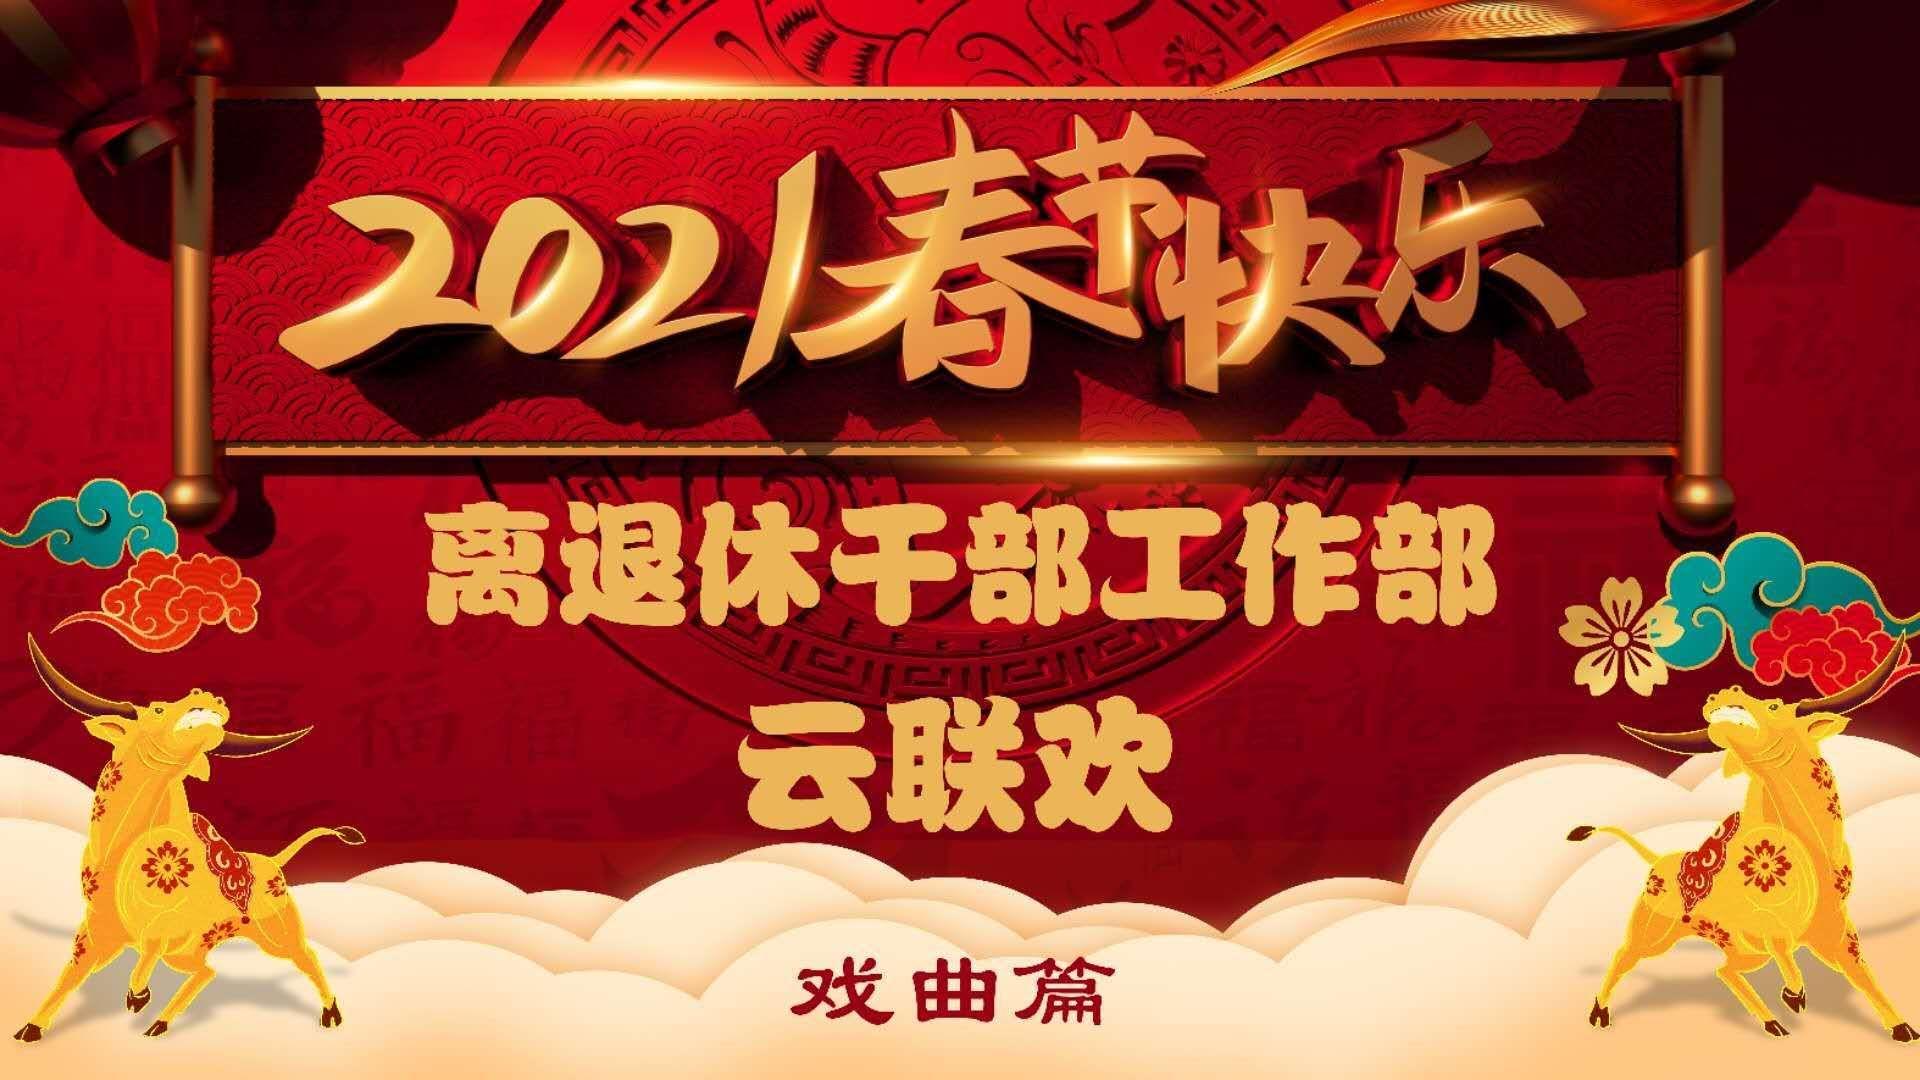 山东广播电视台离退休干部工作部2021年春节云联欢《戏曲篇》